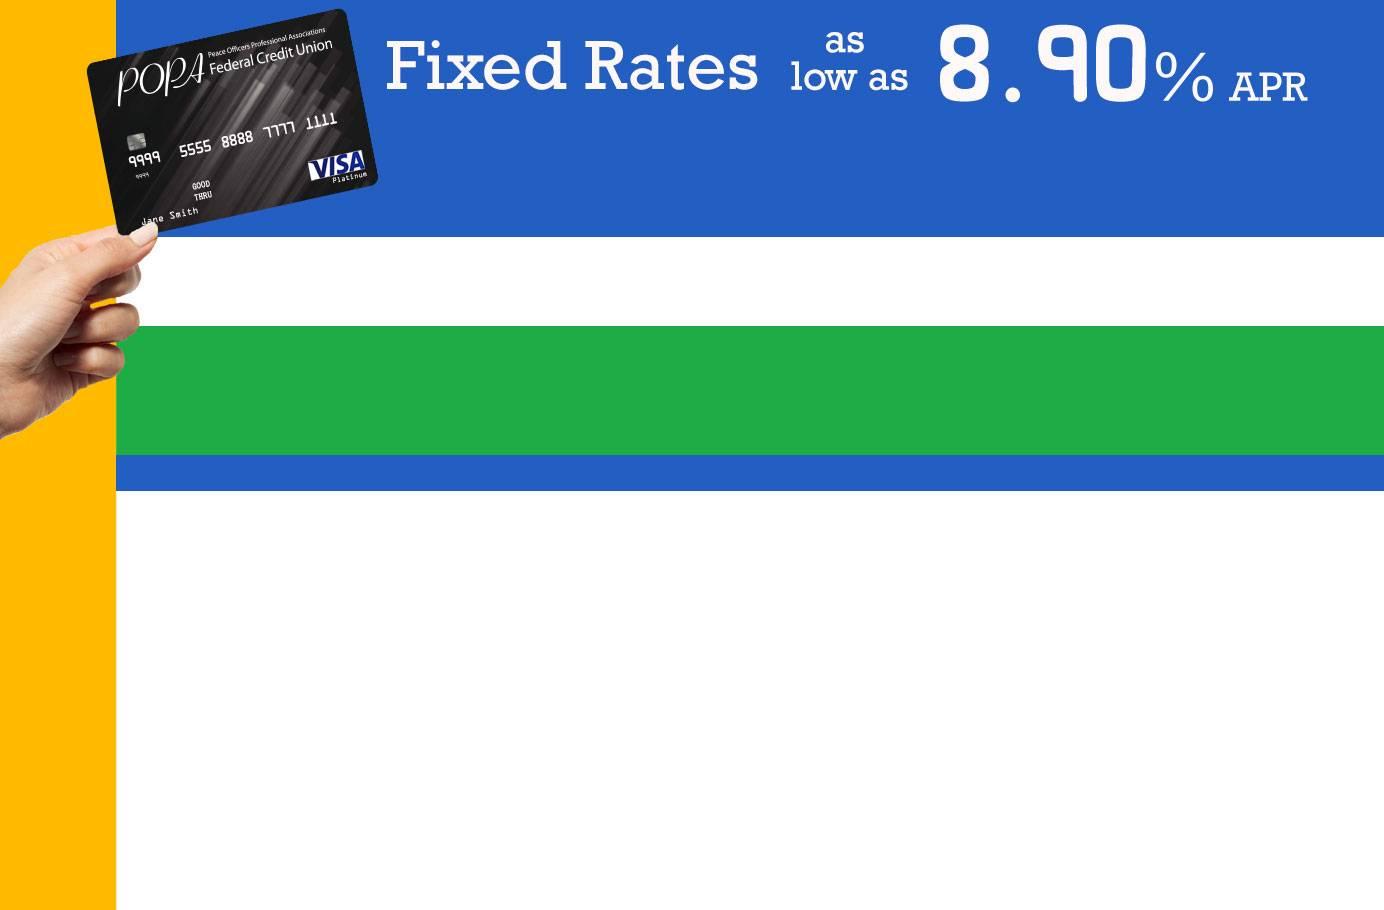 VISA(R) Platinum Credit Card